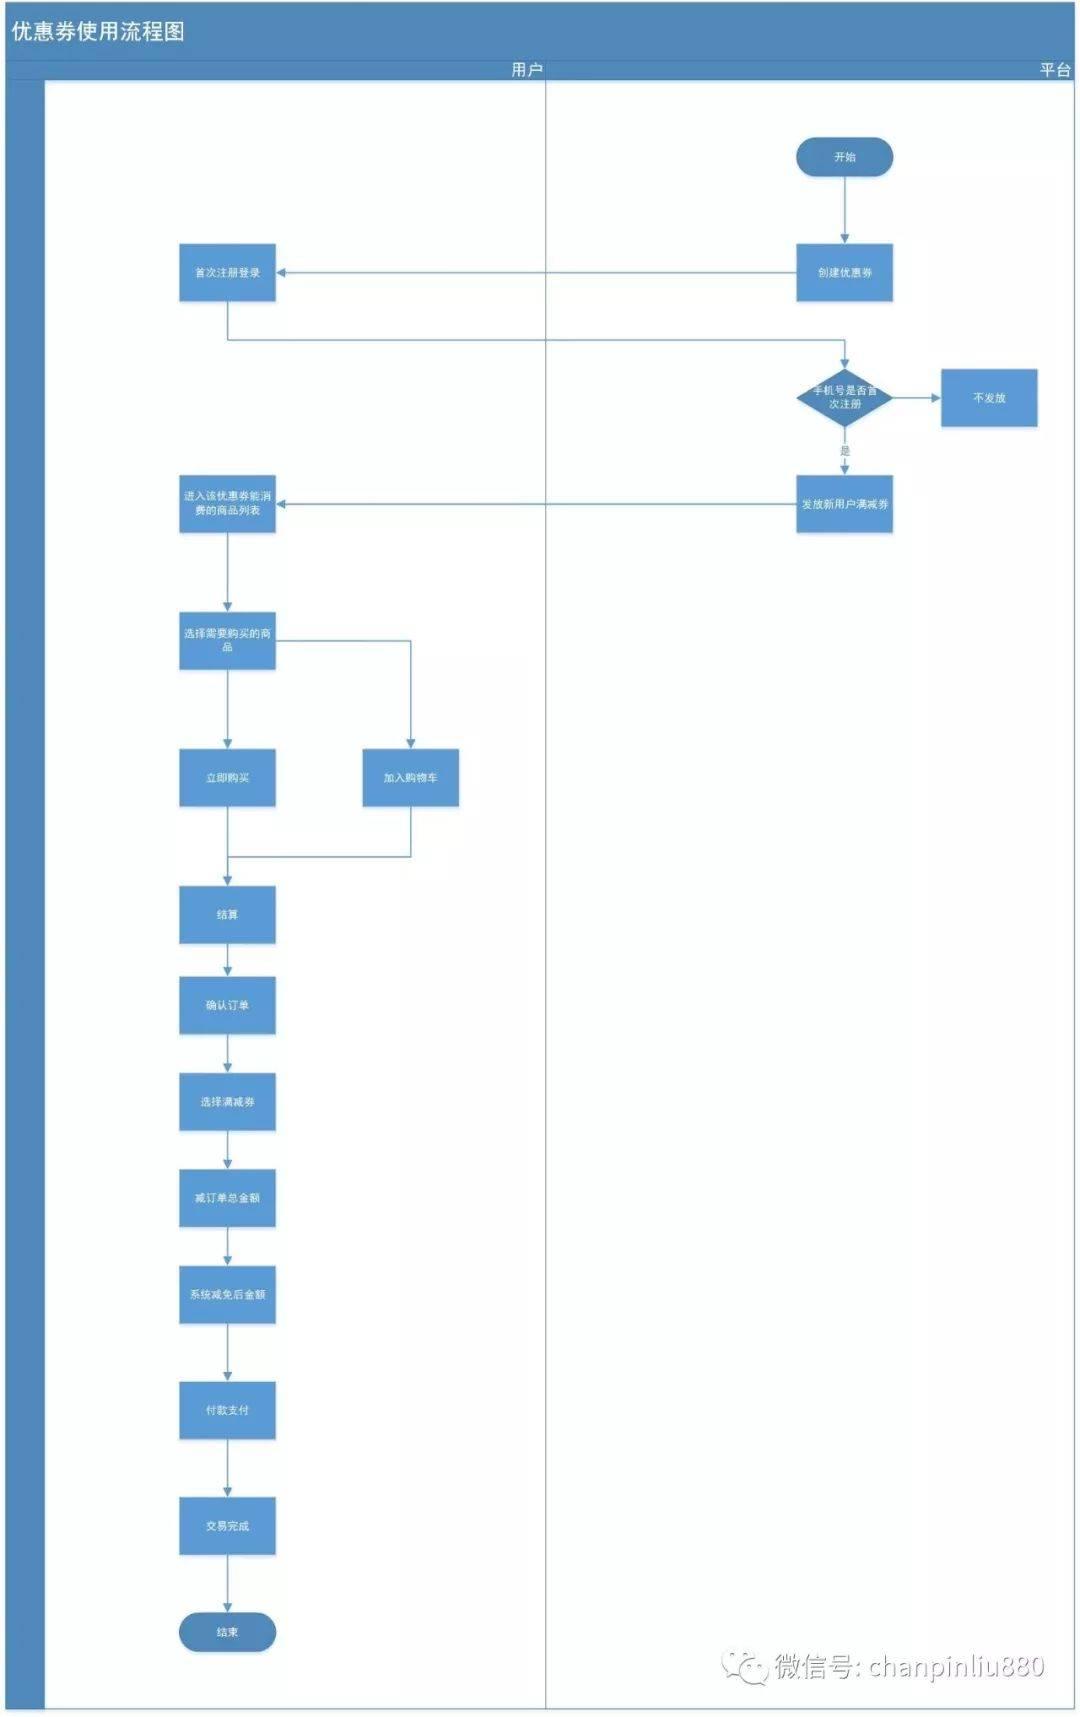 鸟哥笔记,产品设计,产品刘,产品机制,功能设计